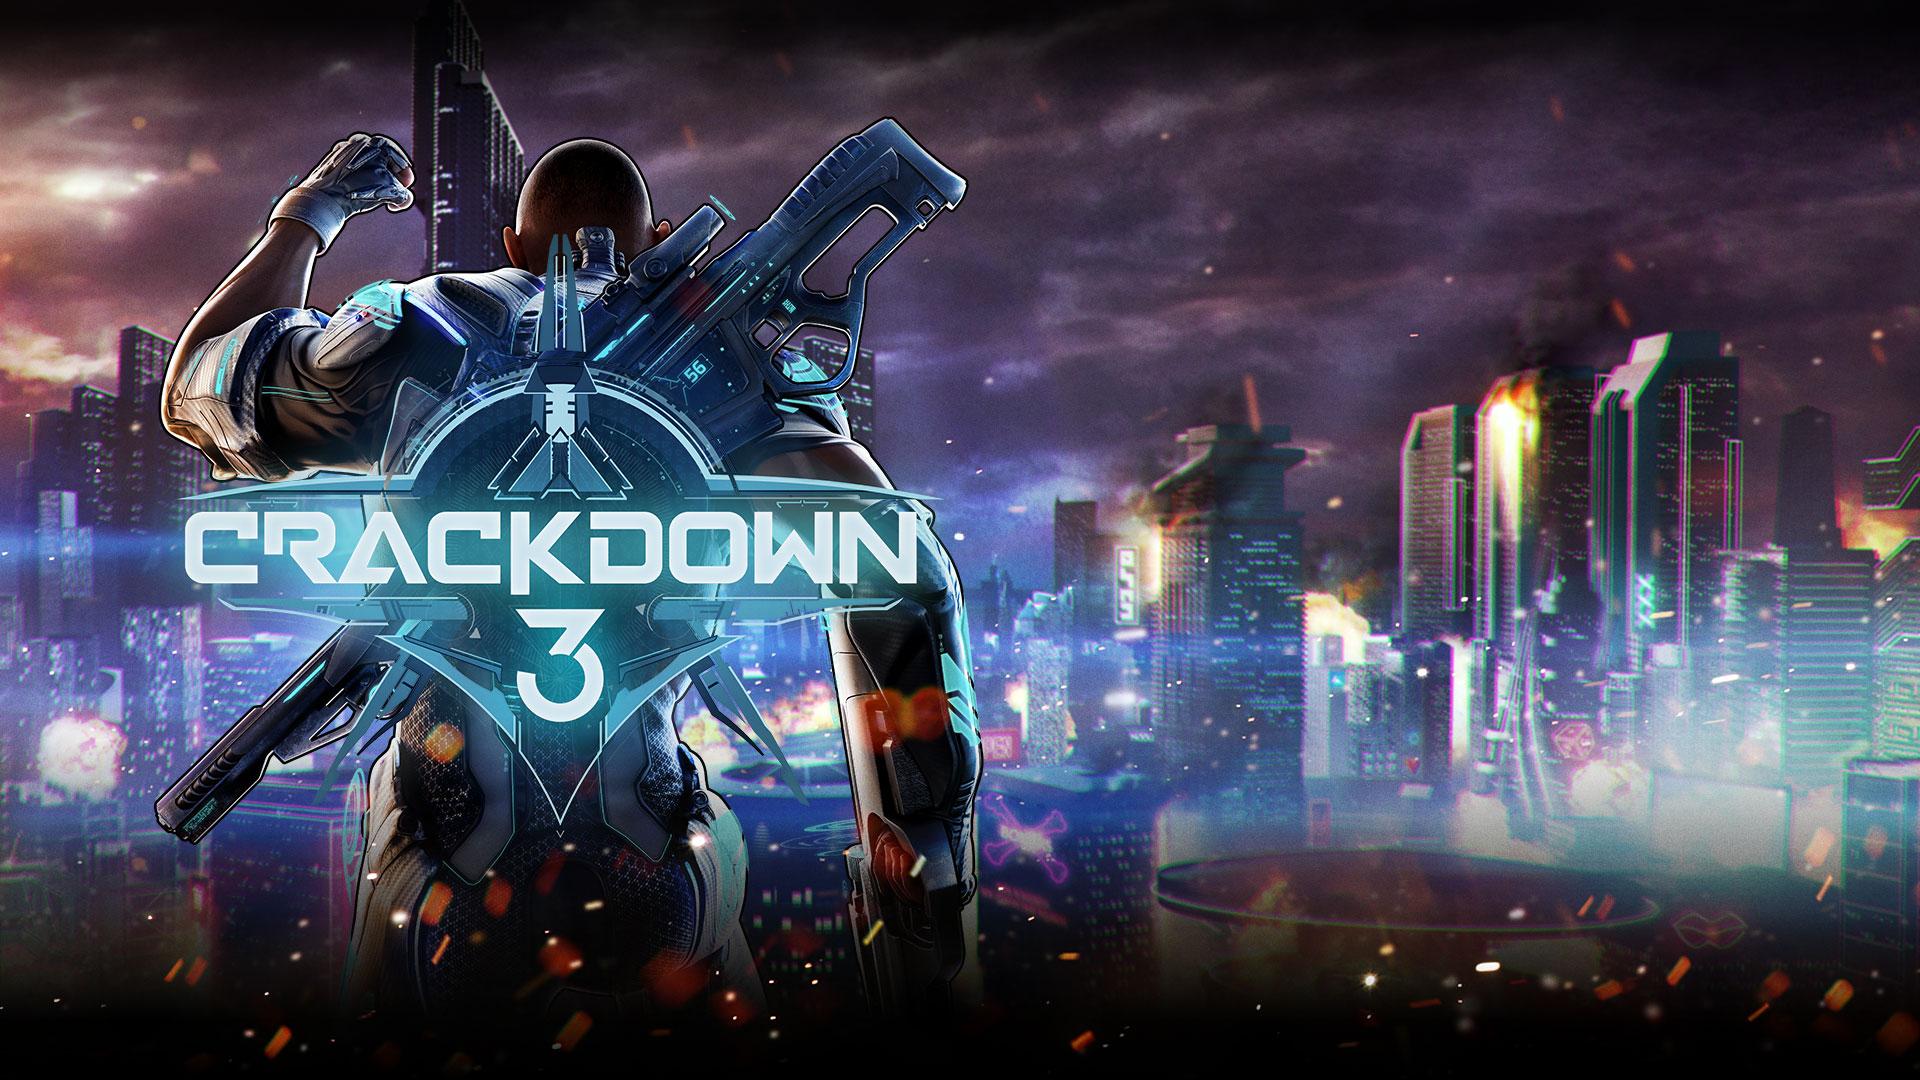 Crackdown 3, Commander Jaxon raises his fist over a city scene.